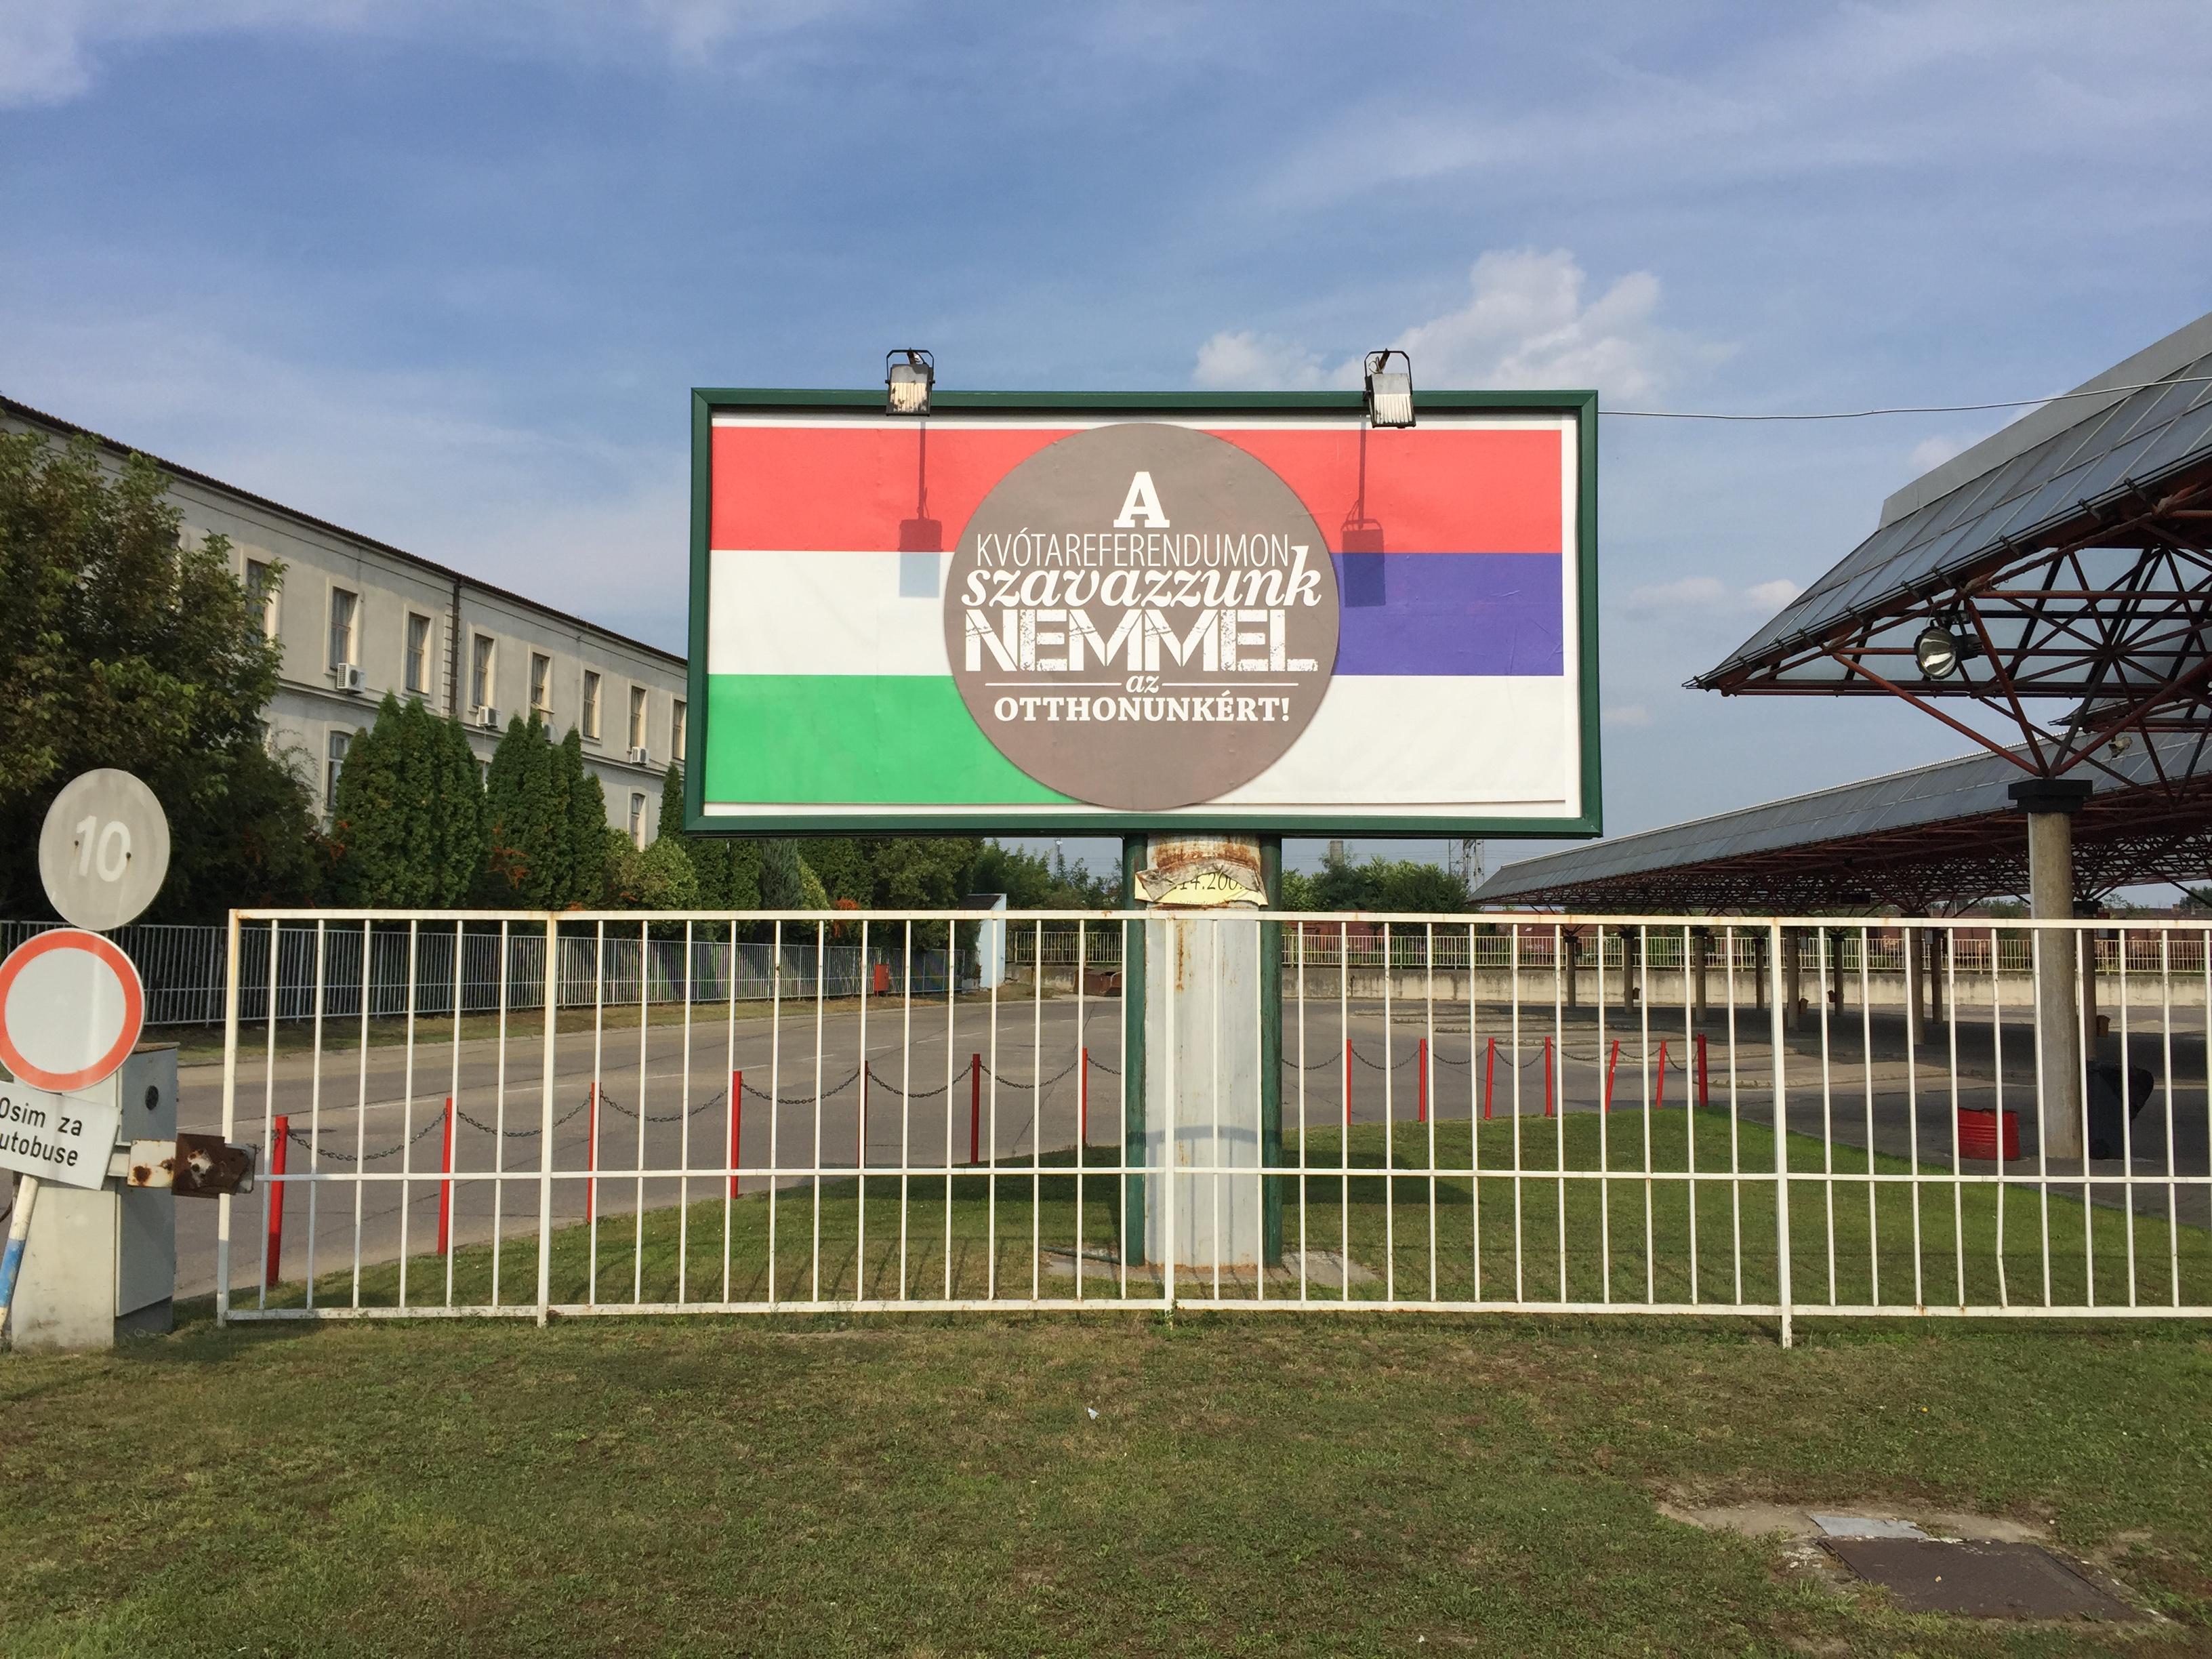 A lustább fideszesek is megirigyelnék azt a tempót, amivel a szerbiai magyaroknak tolják a kvótakampányt